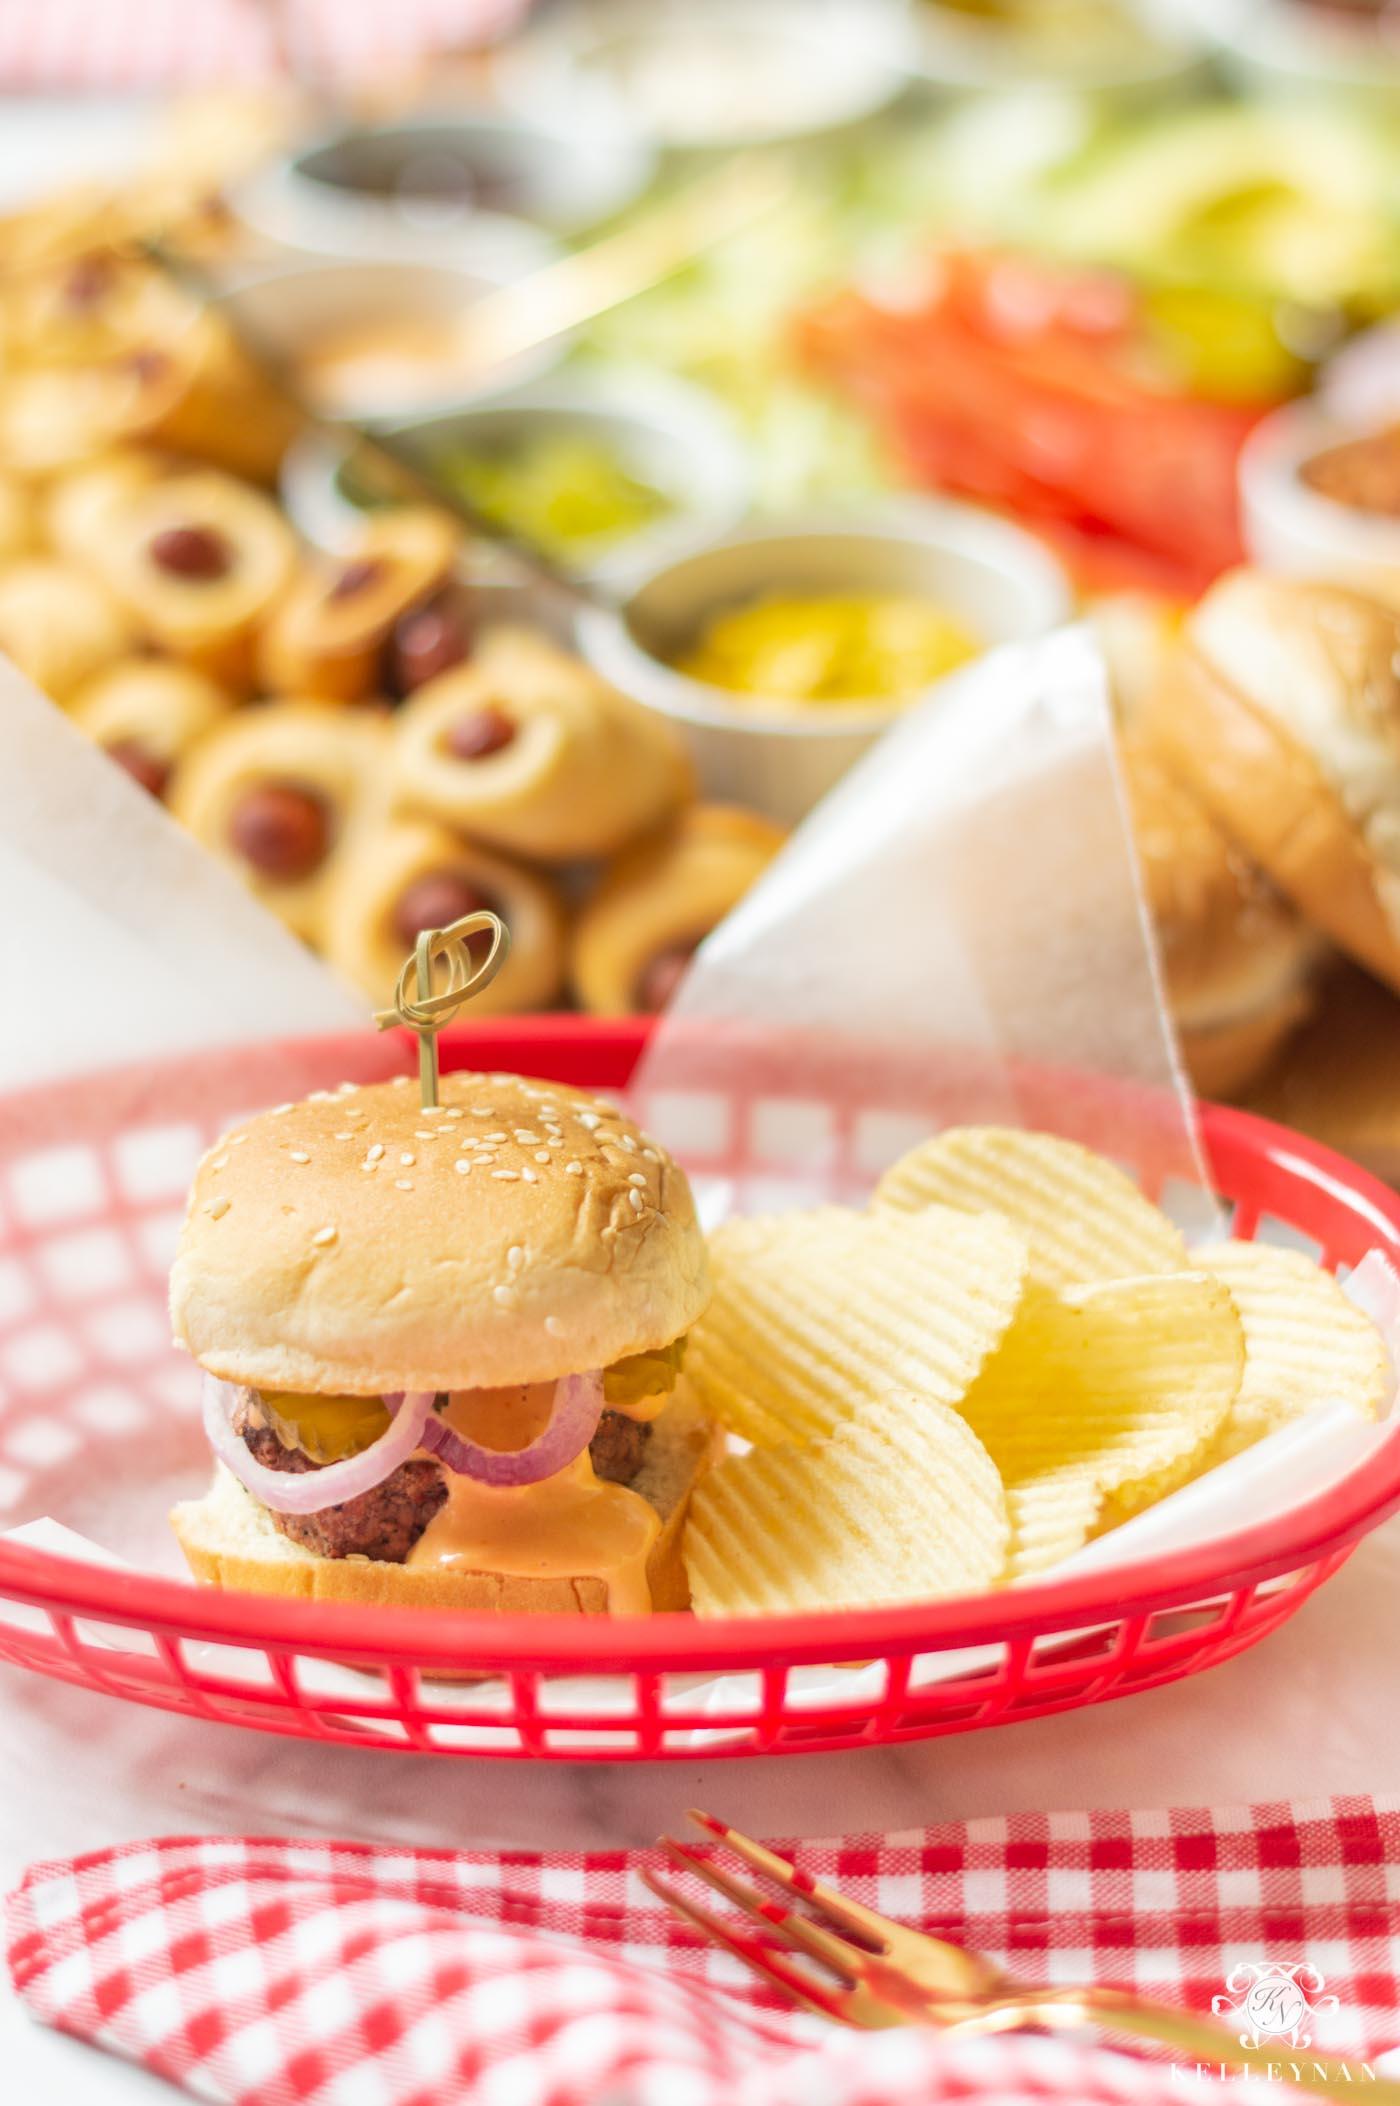 Slider Burger Toppings